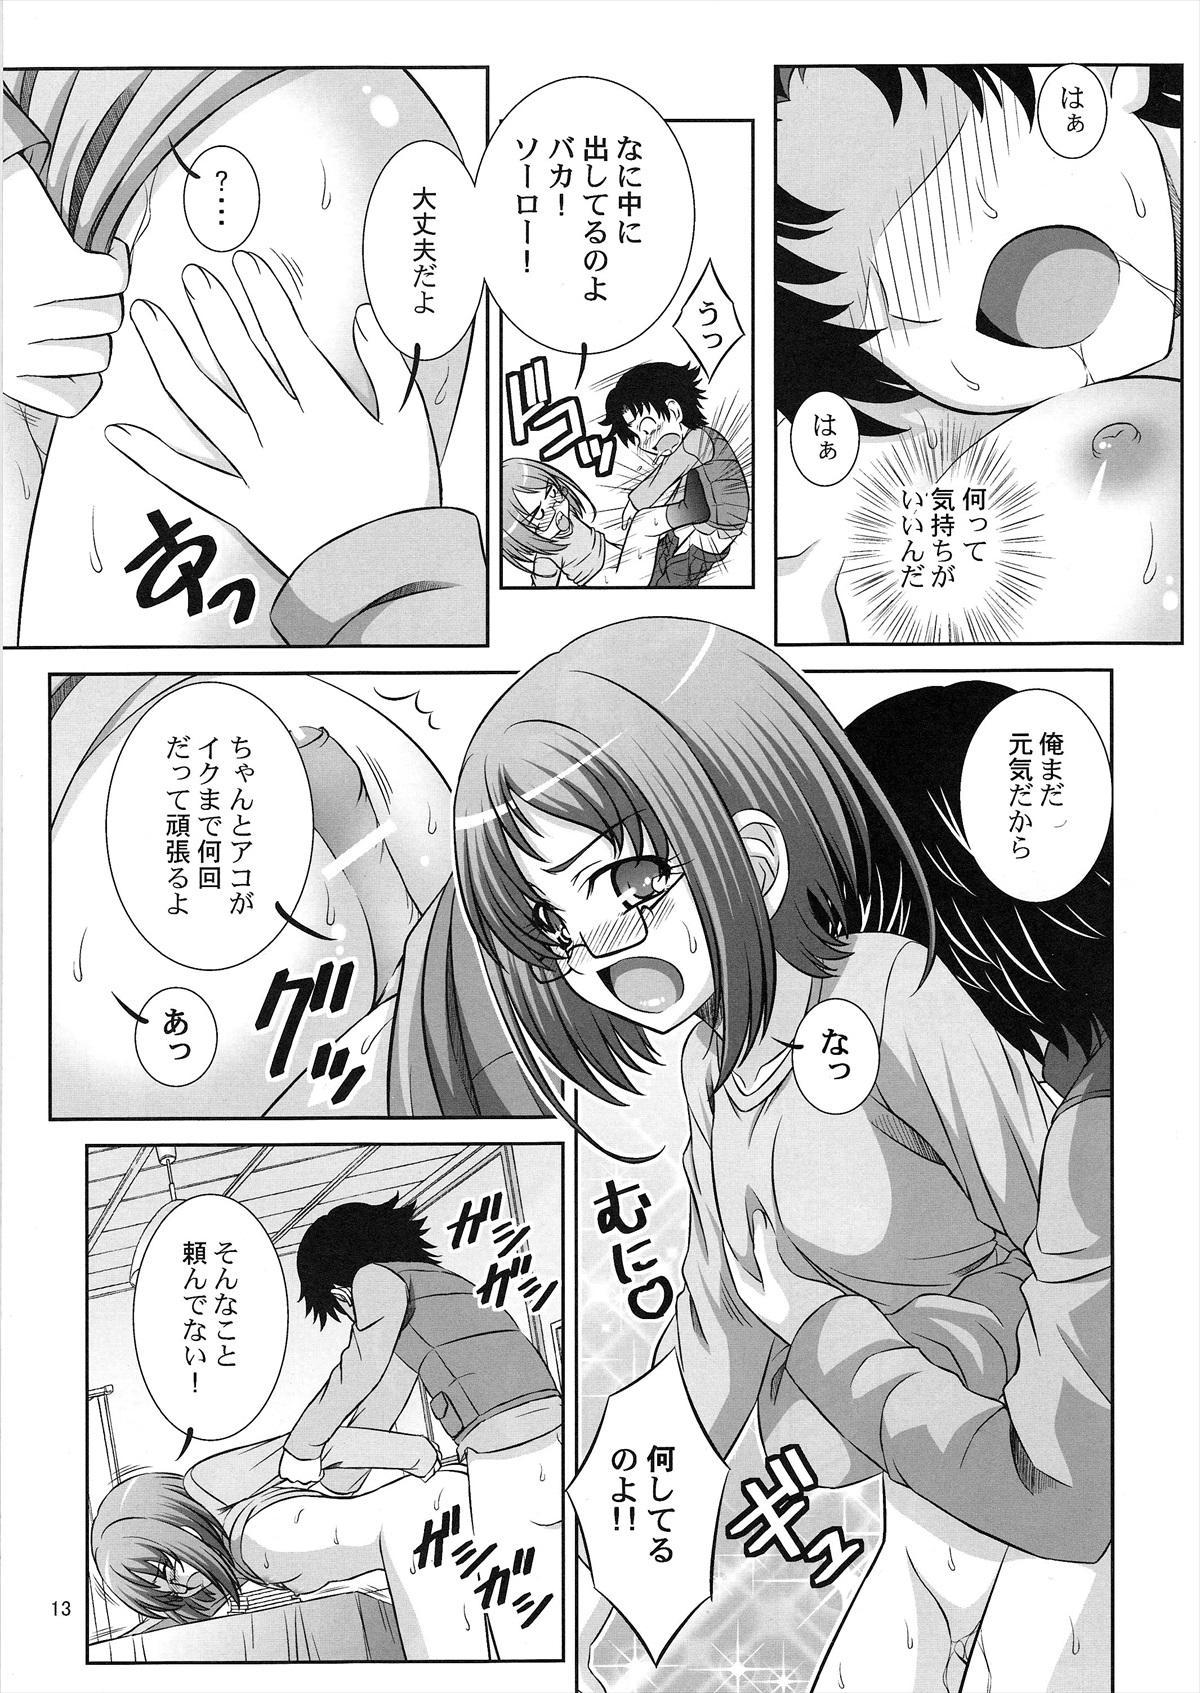 Stage 13 Shirabe Ako no Utagoe 11